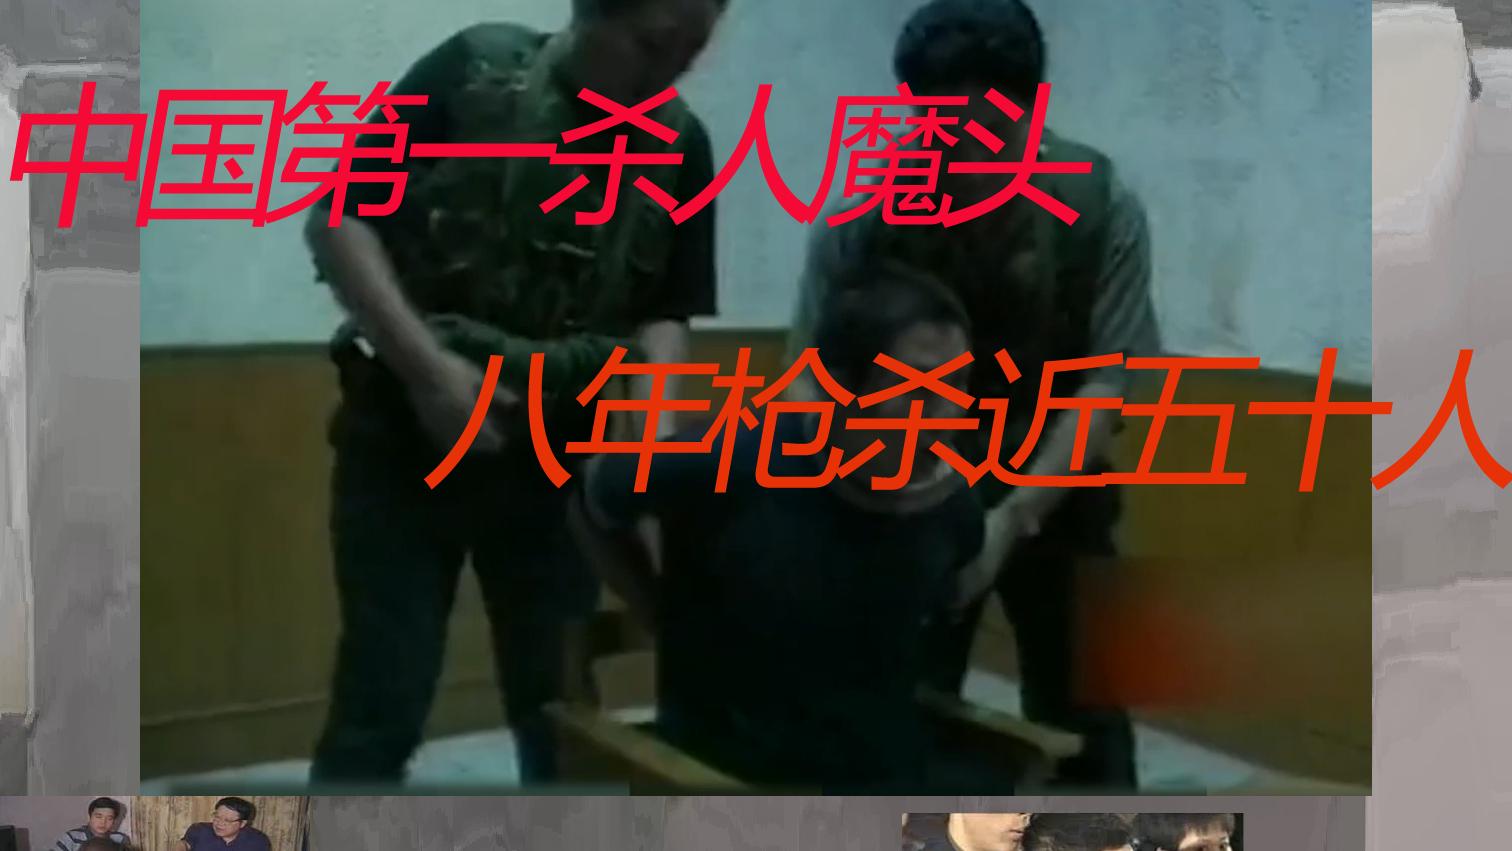 """中国第一""""魔头""""张君:8年枪杀近50人,给儿子取名为""""枭雄"""""""